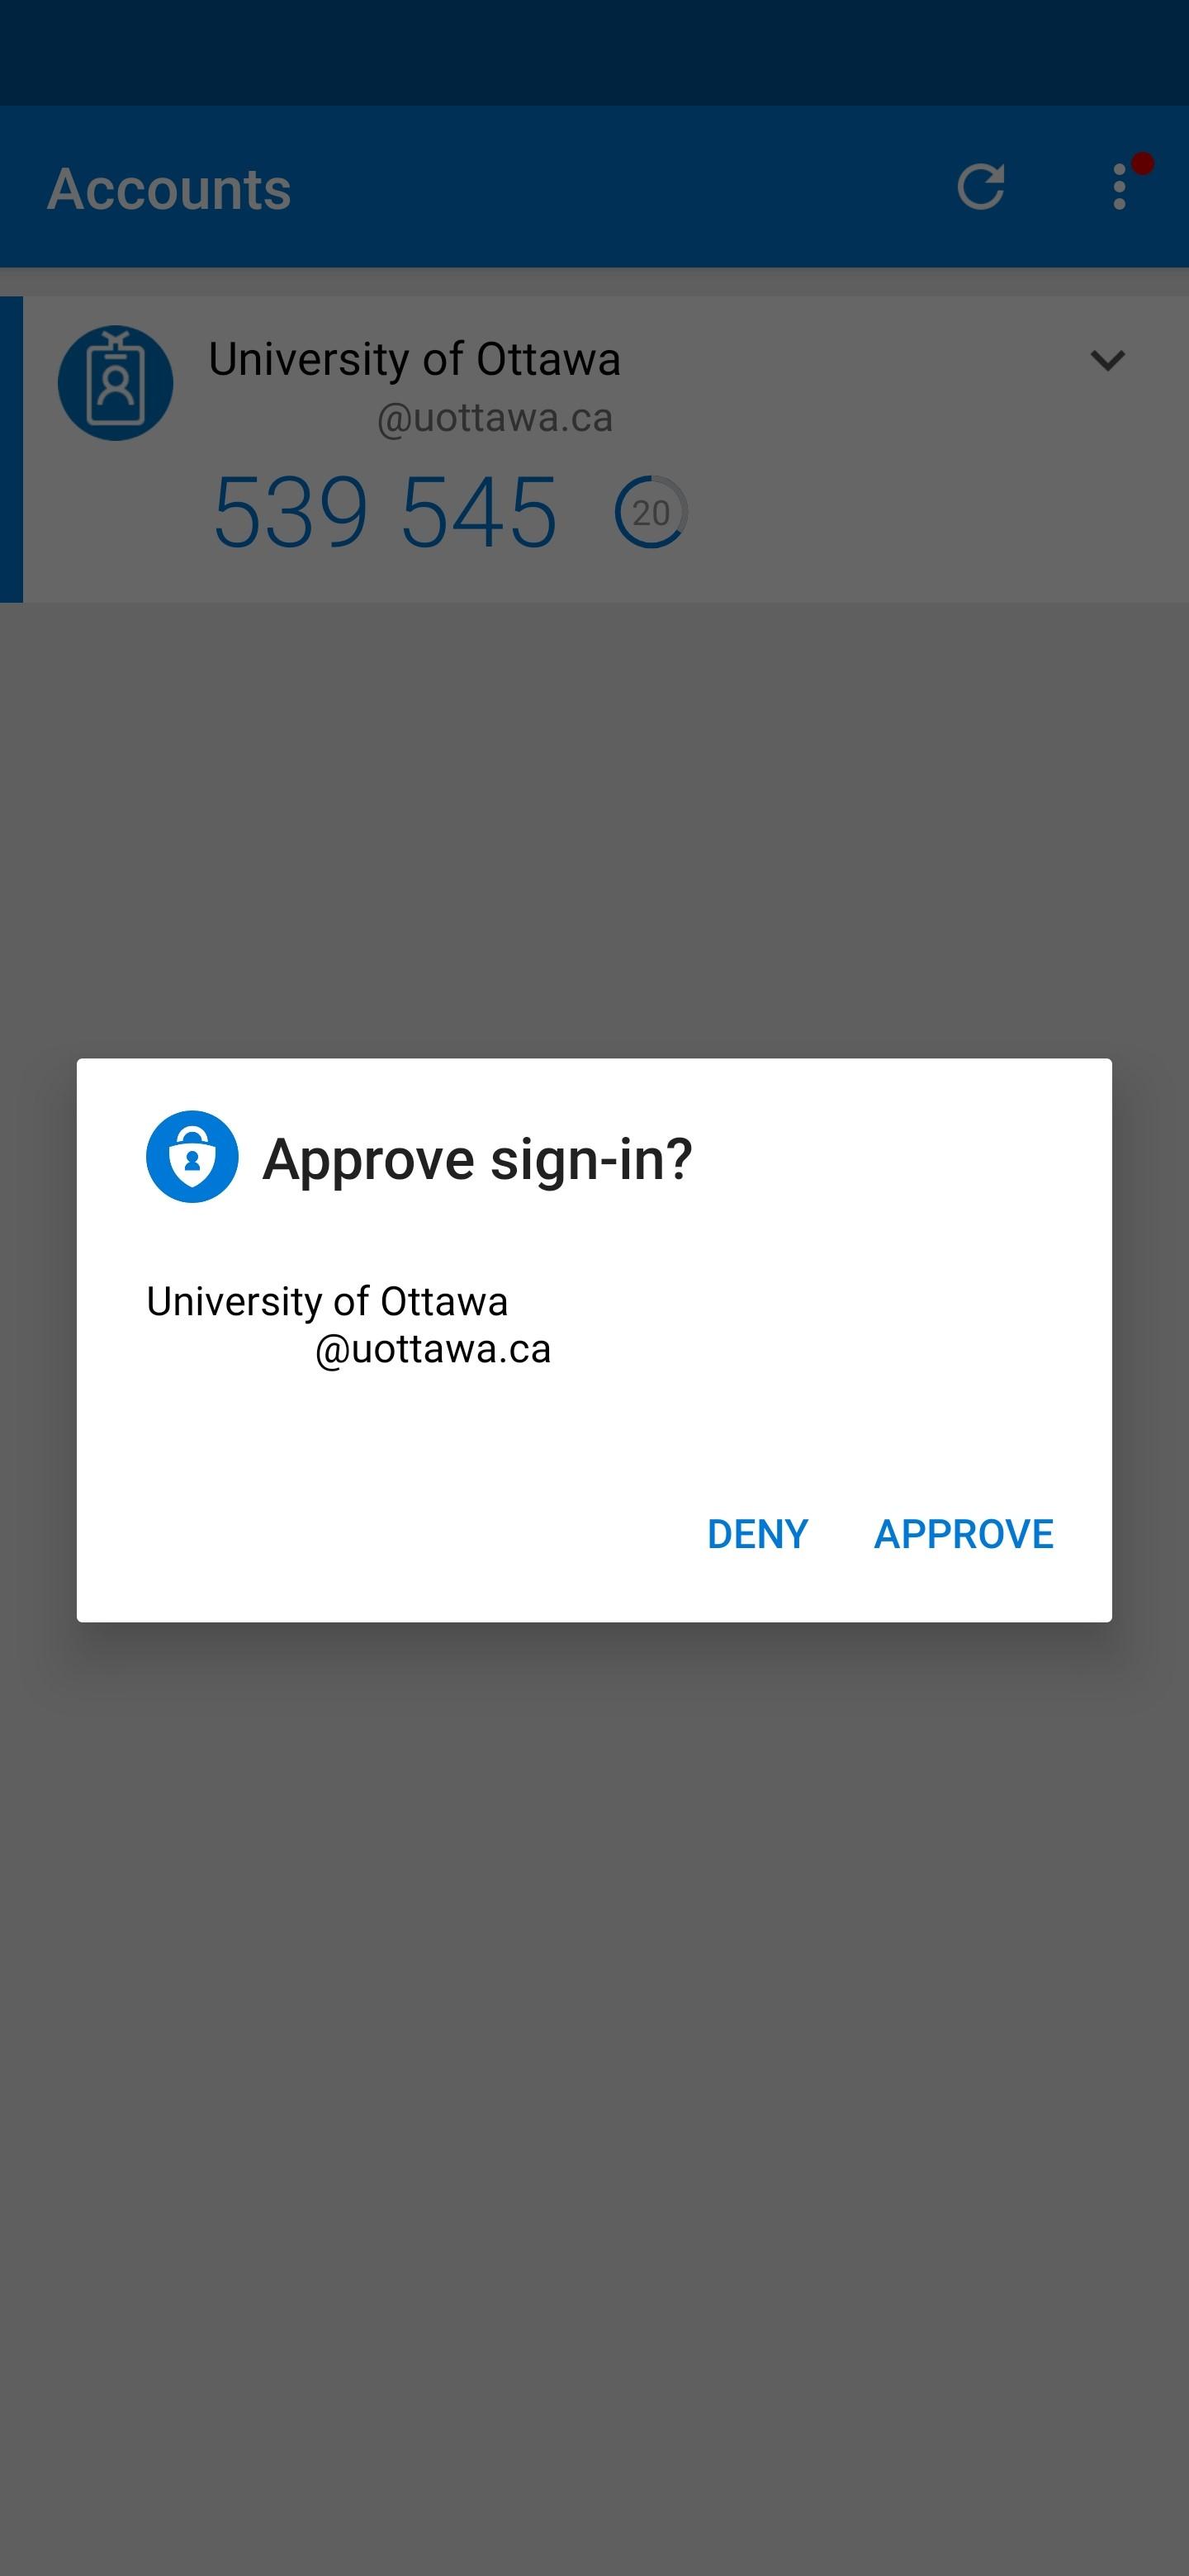 Telephone screenshot of MFA Approve screen